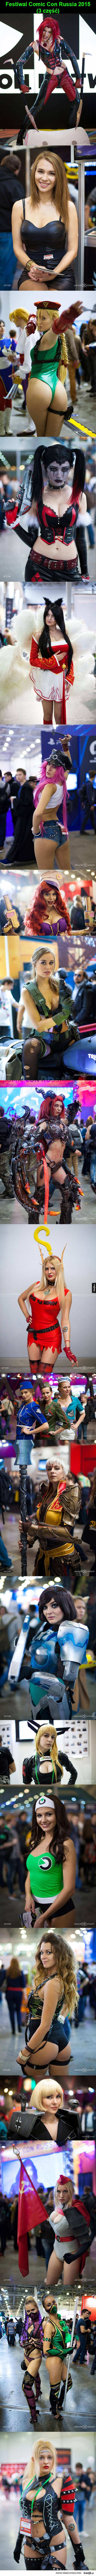 Cudowne kostiumy cosplayerów